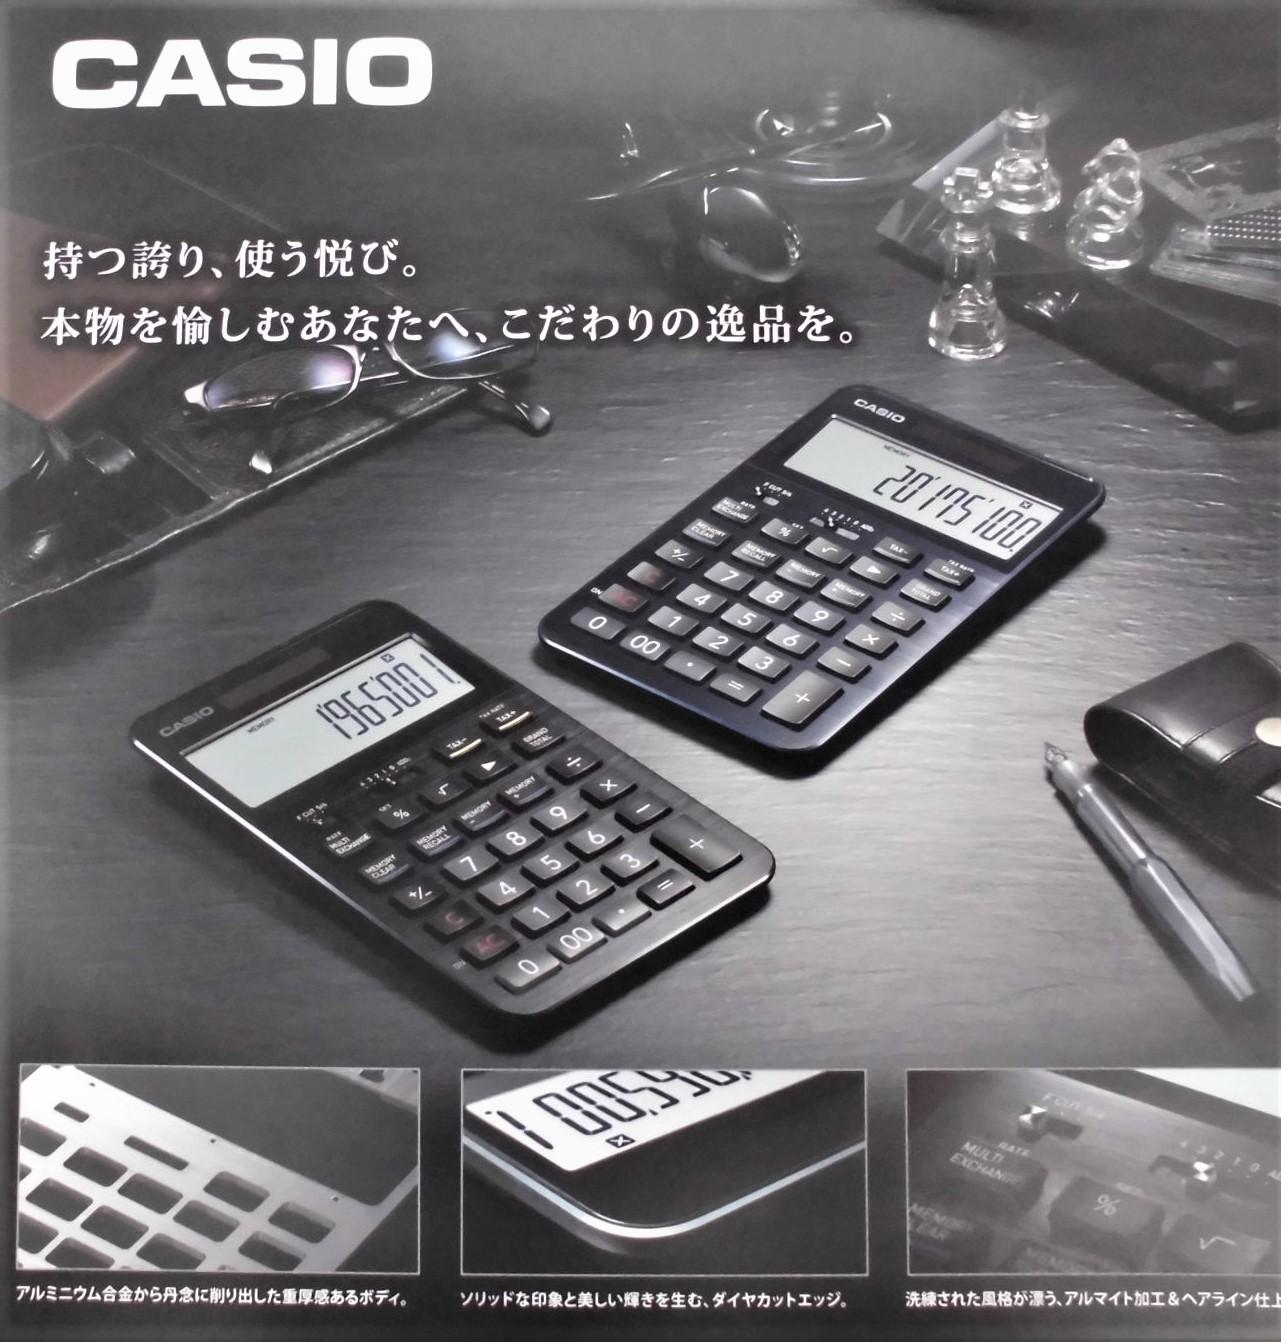 カシオs100 (1)